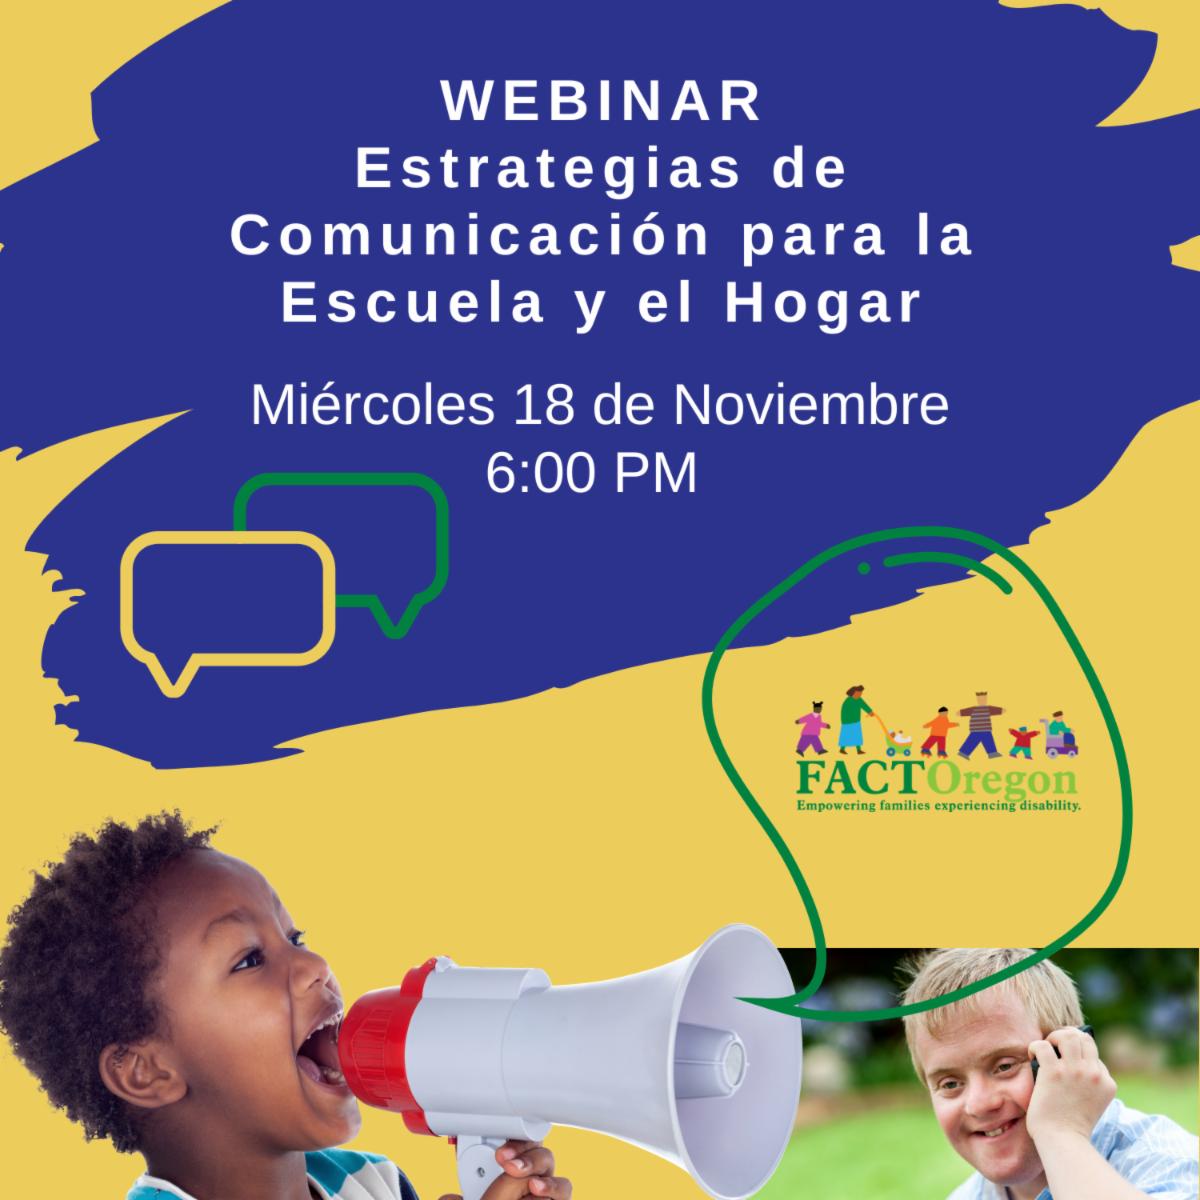 Webinar Estrategias de de comunicación para la escuela y el hogar. Miércoles 18 de Noviembre, 6:00 PM